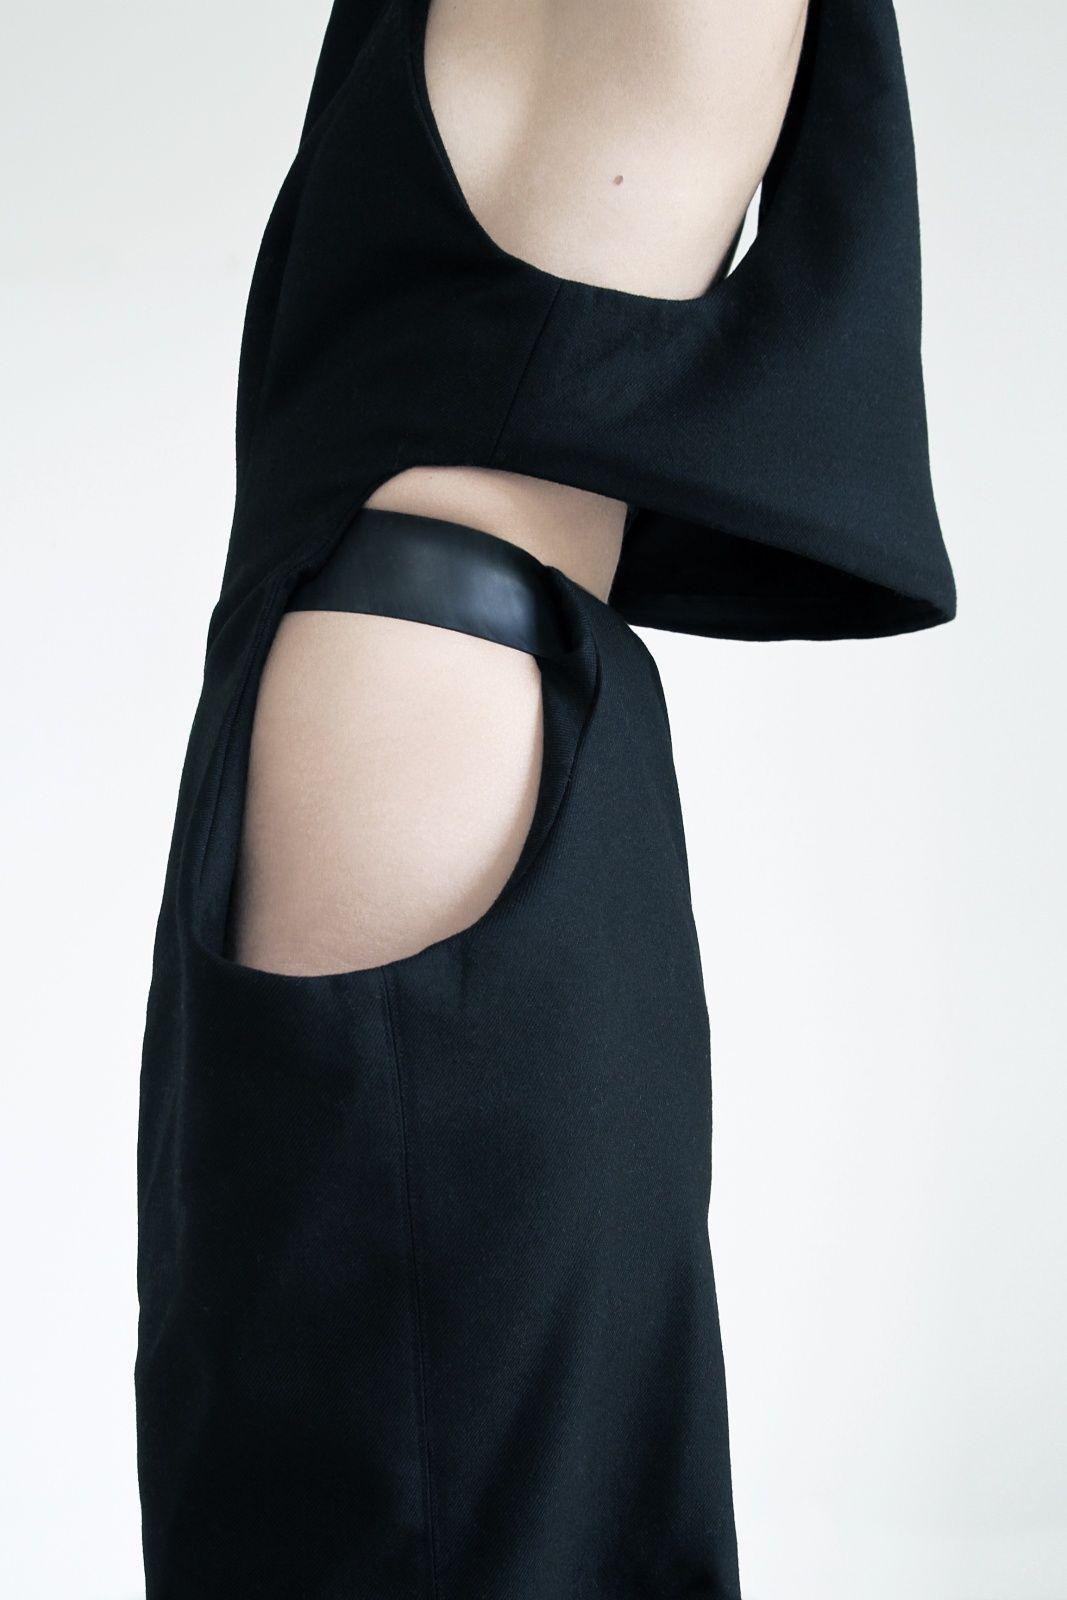 fashion details comment body architecture via diamonds and studs rh pinterest com